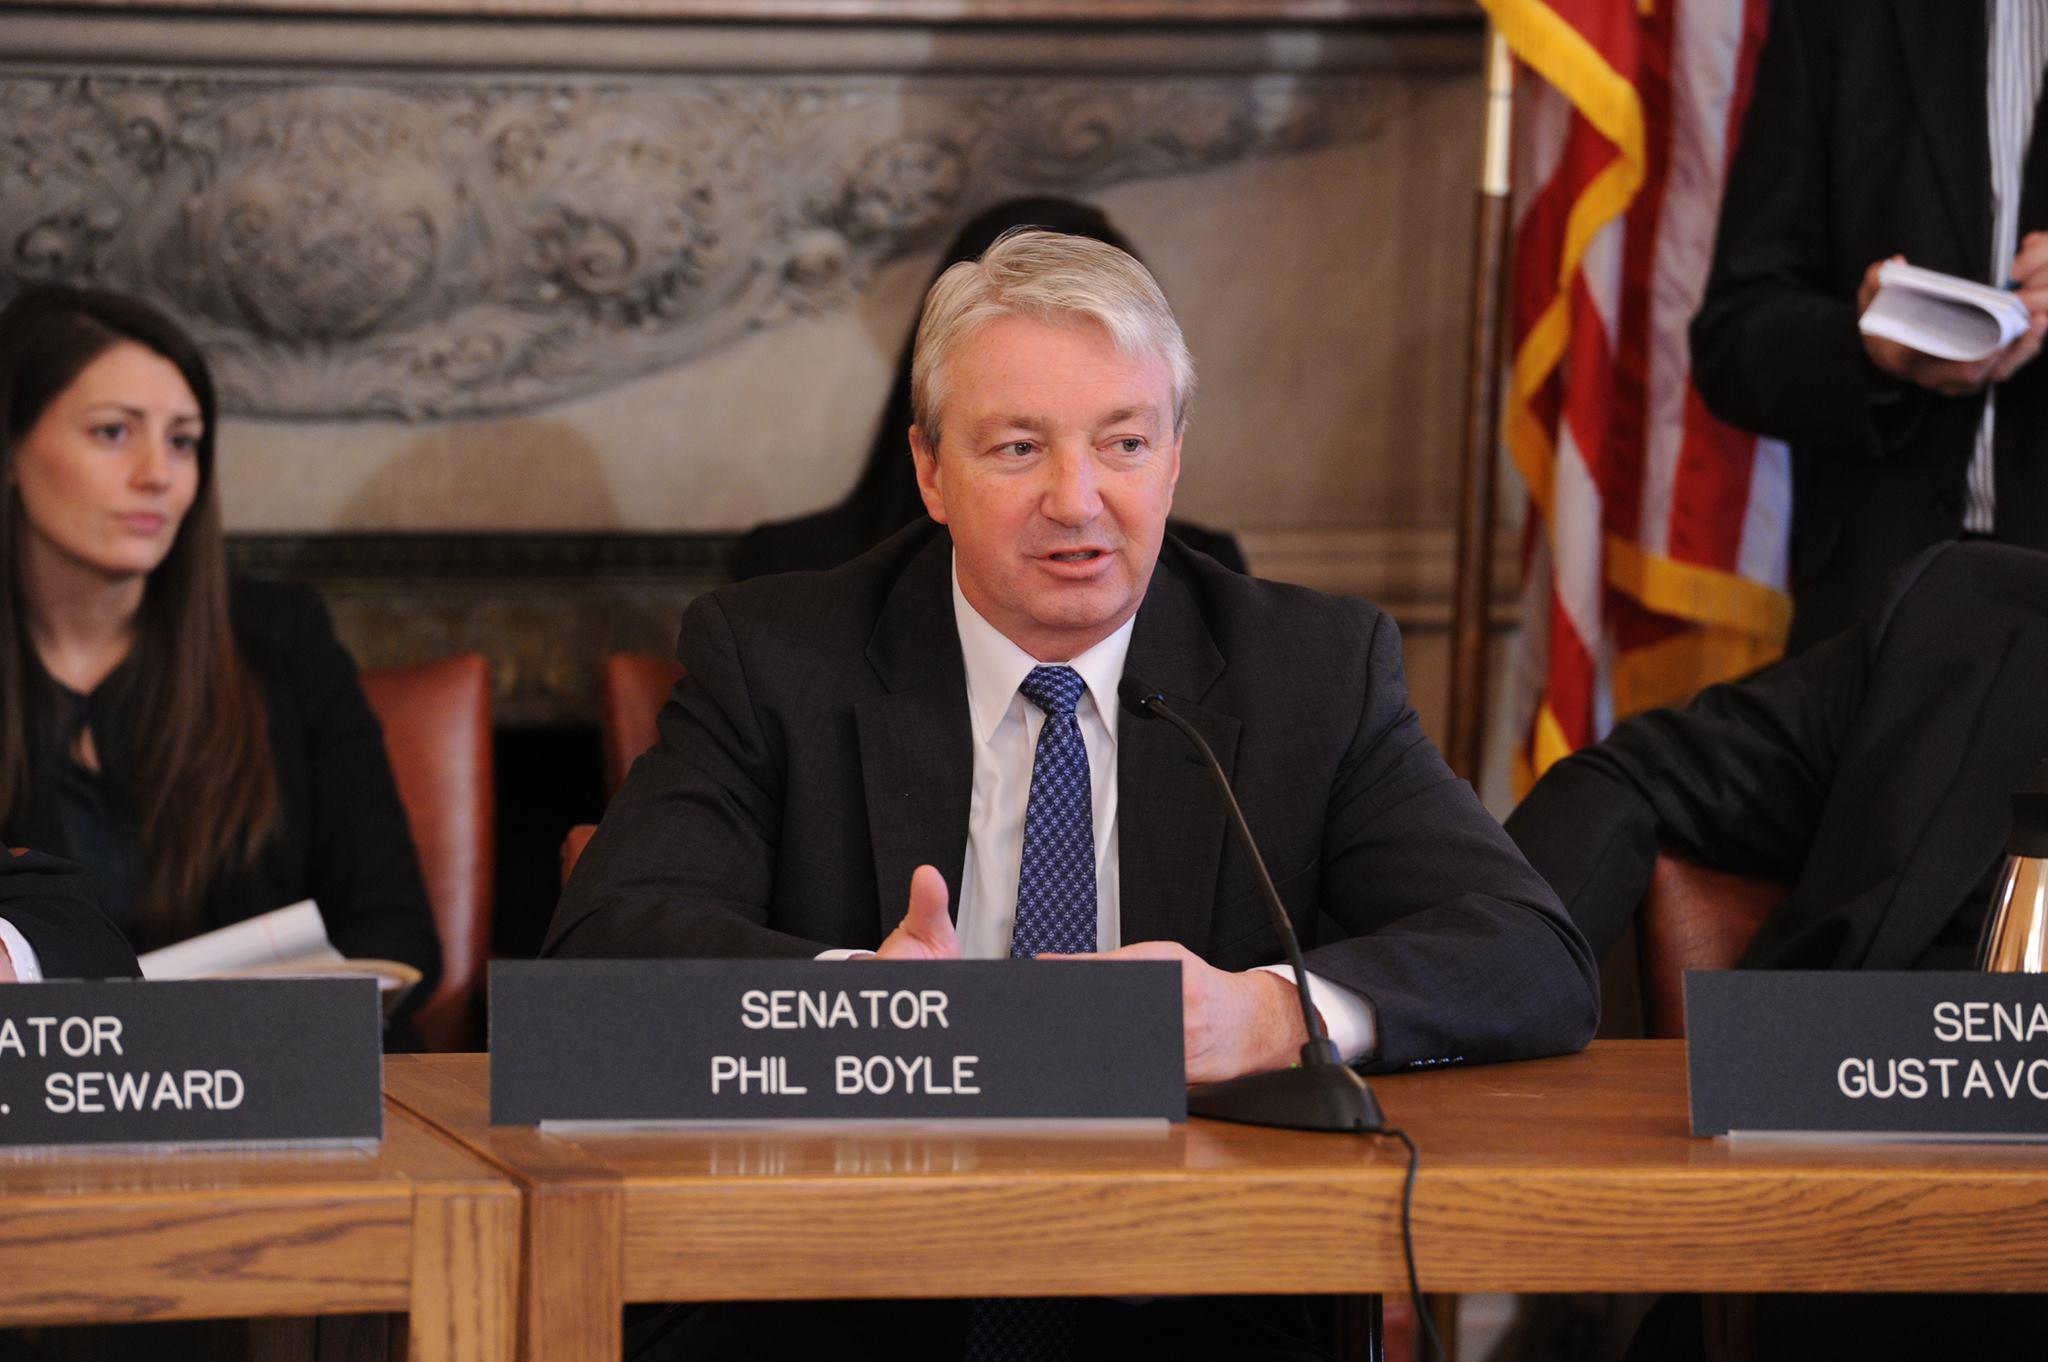 Senator Phil Boyle